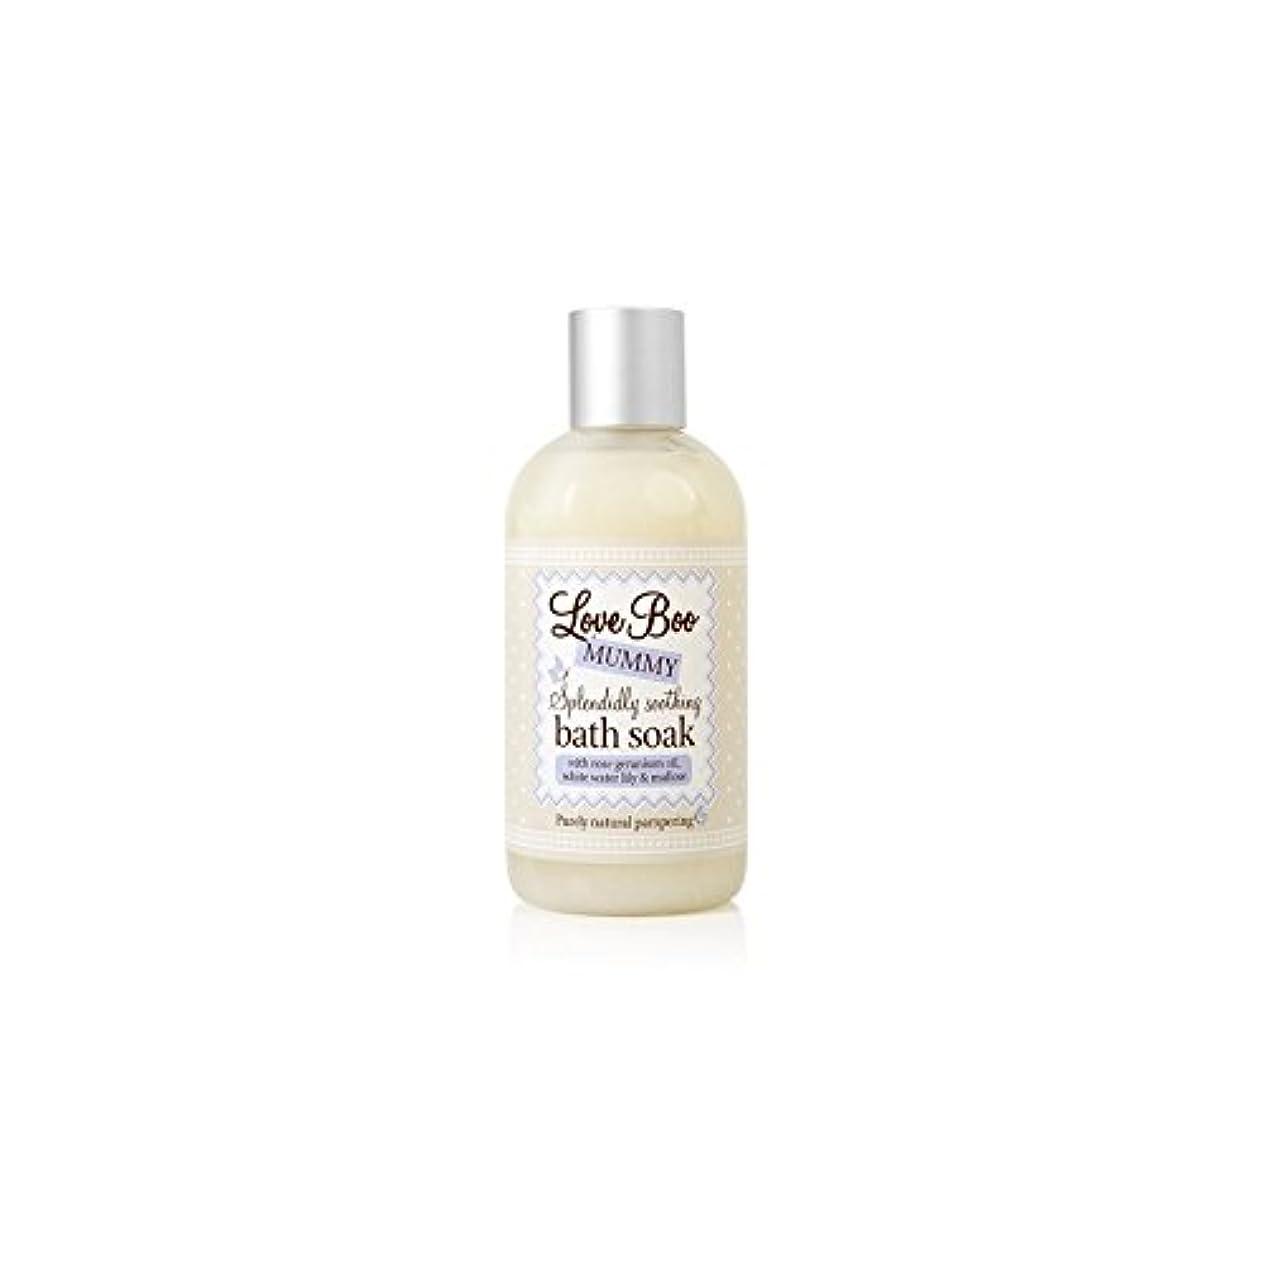 雰囲気カウンタ誤ってLove Boo Splendidly Soothing Bath Soak (250ml) (Pack of 6) - ブーイング見事なだめるようなお風呂が大好き(250ミリリットル)を浸します x6 [並行輸入品]